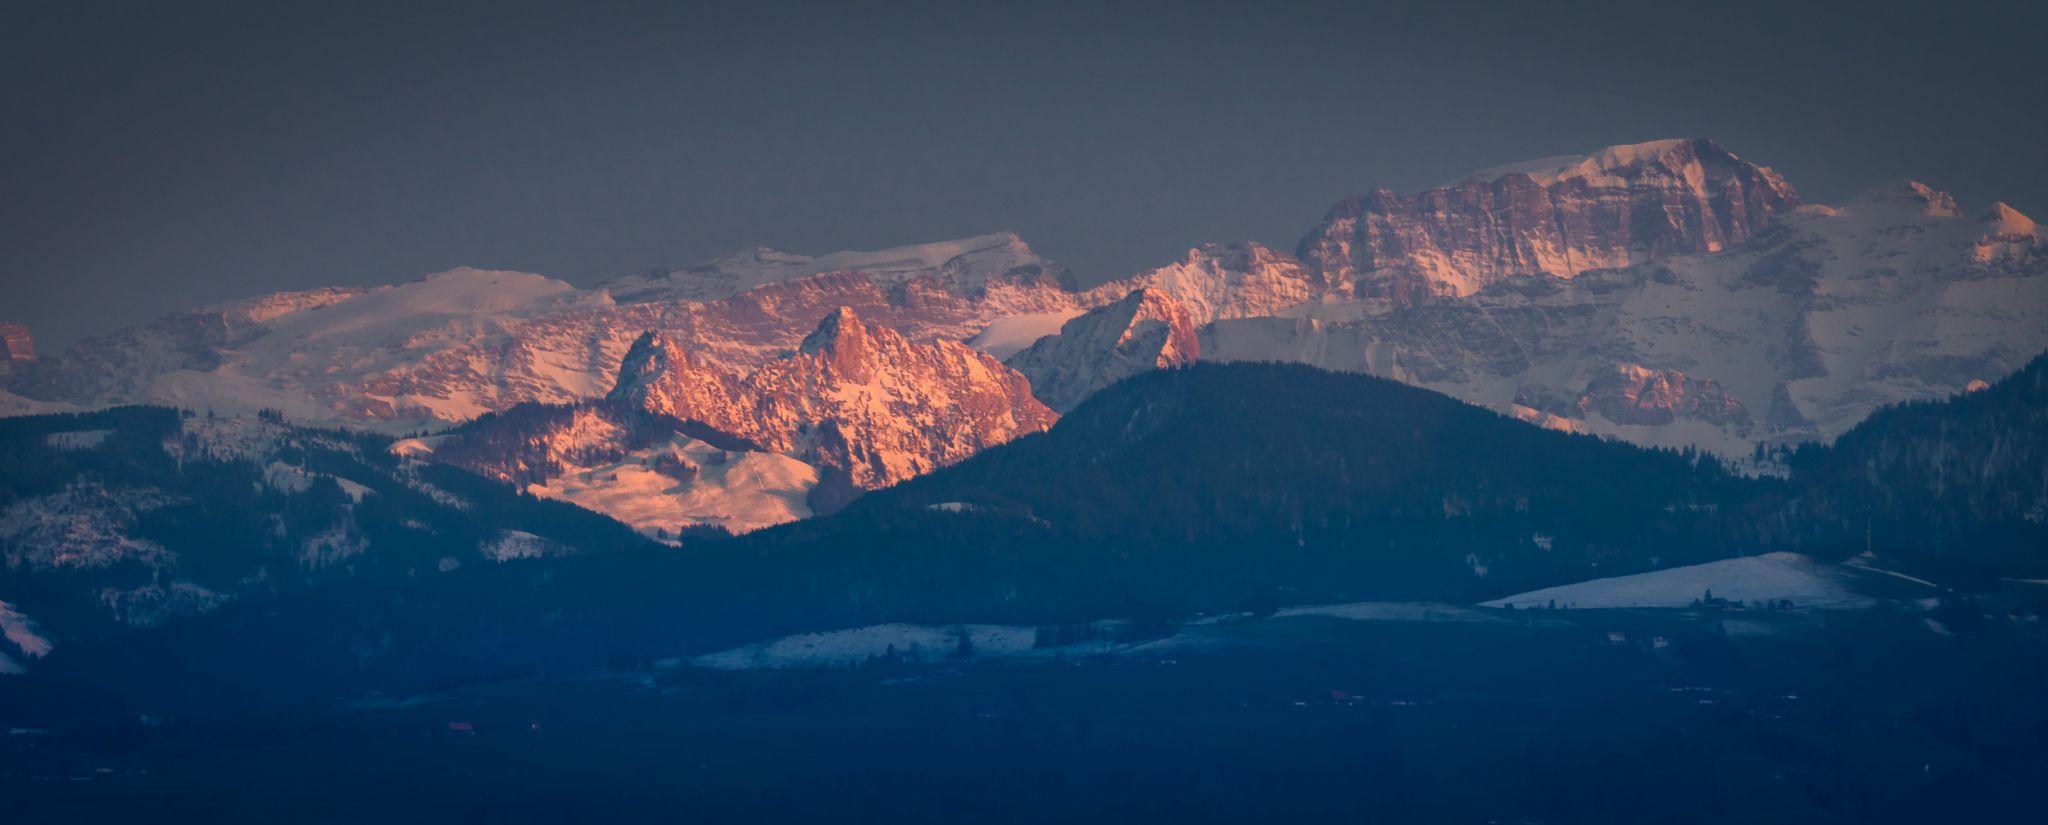 Aristau, Switzerland